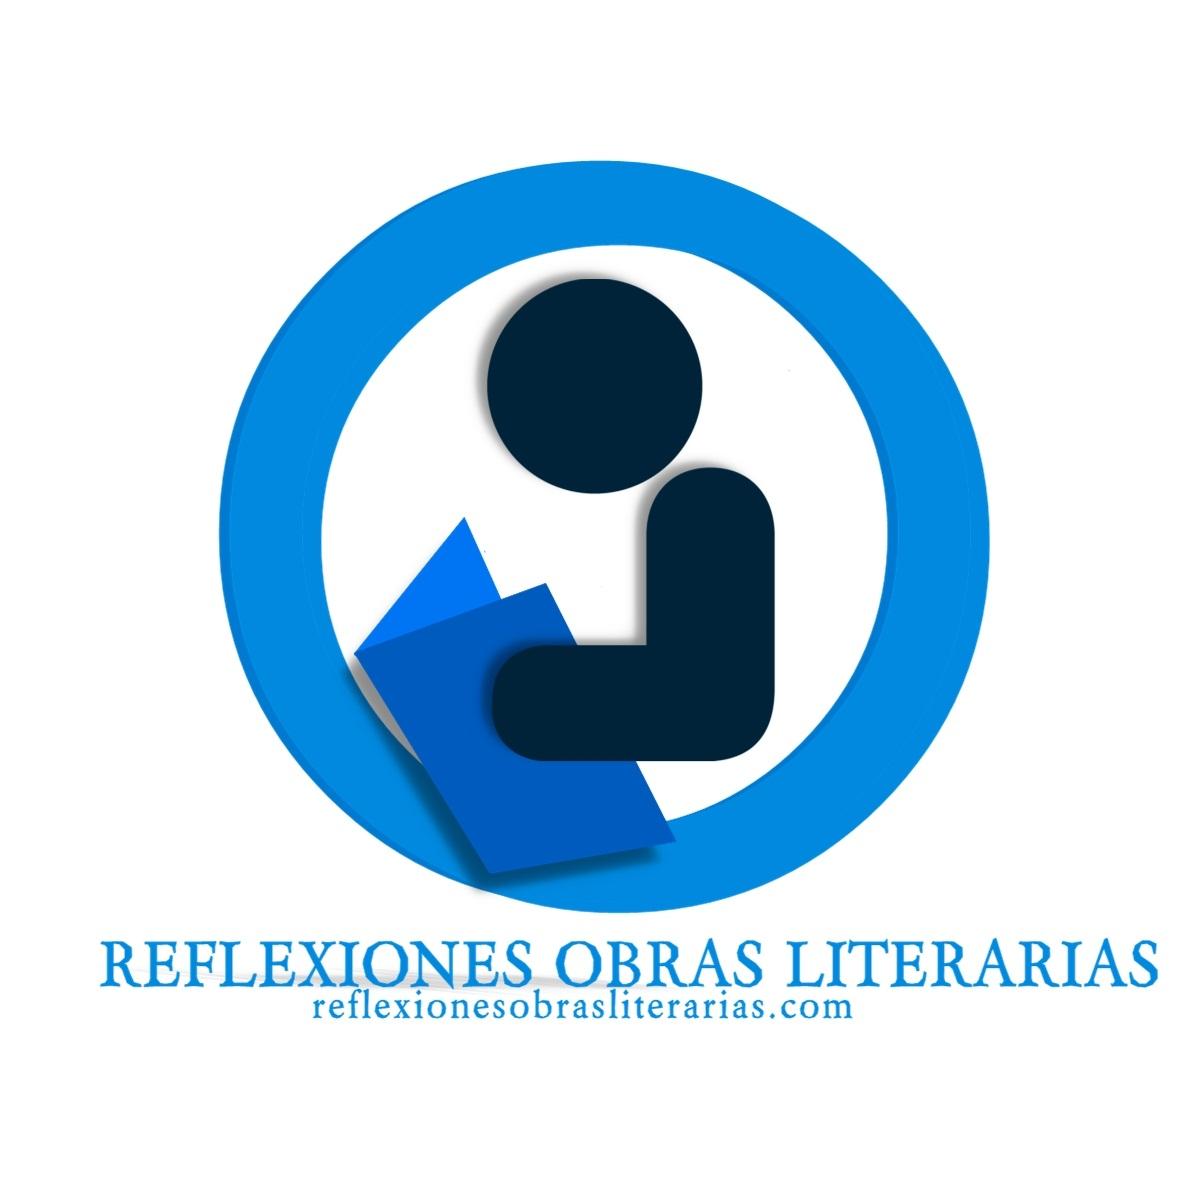 Reflexiones de obras literarias